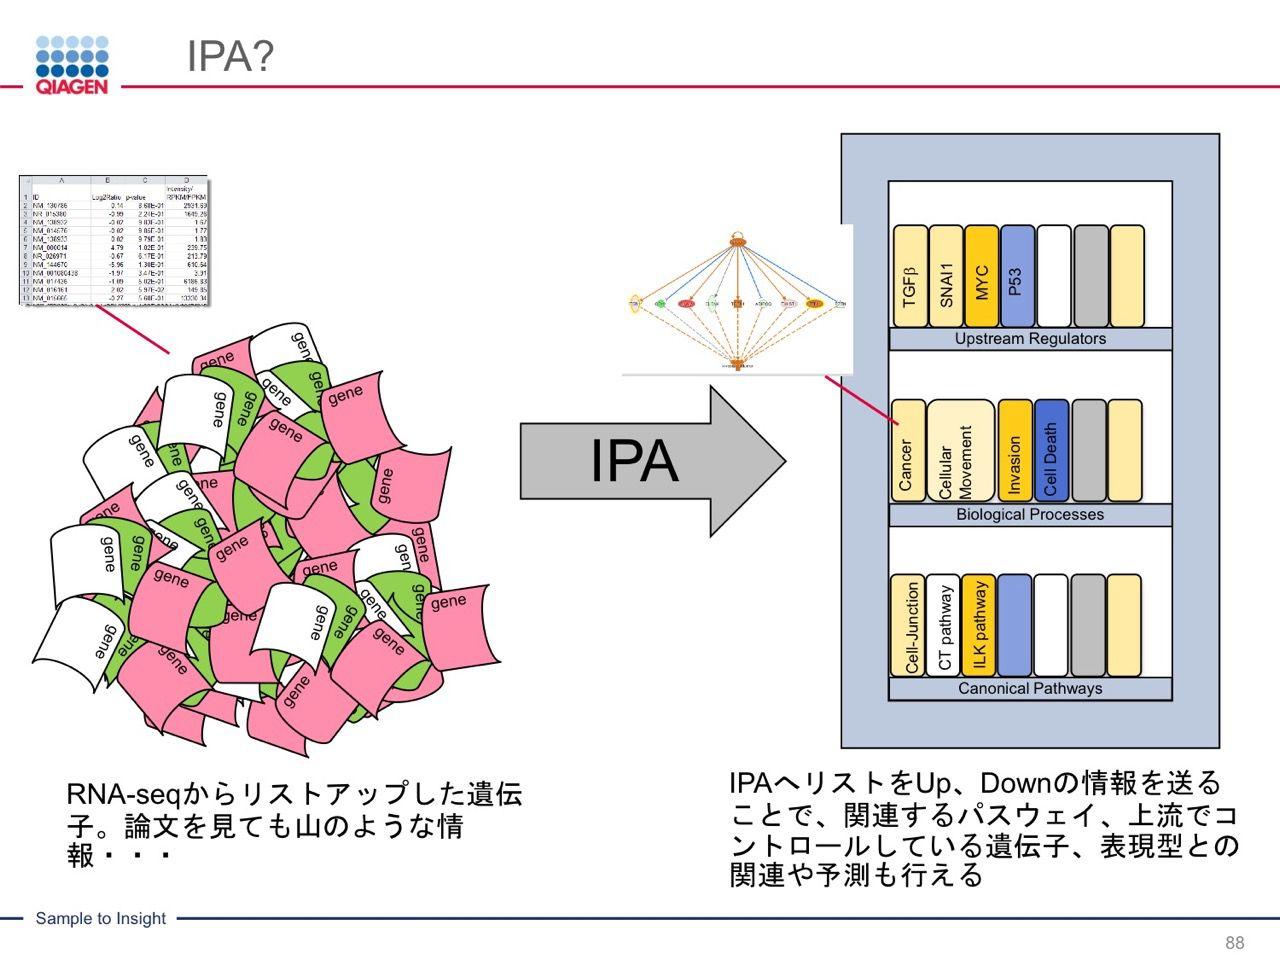 images/AJACSa2_miyamoto_088.jpg